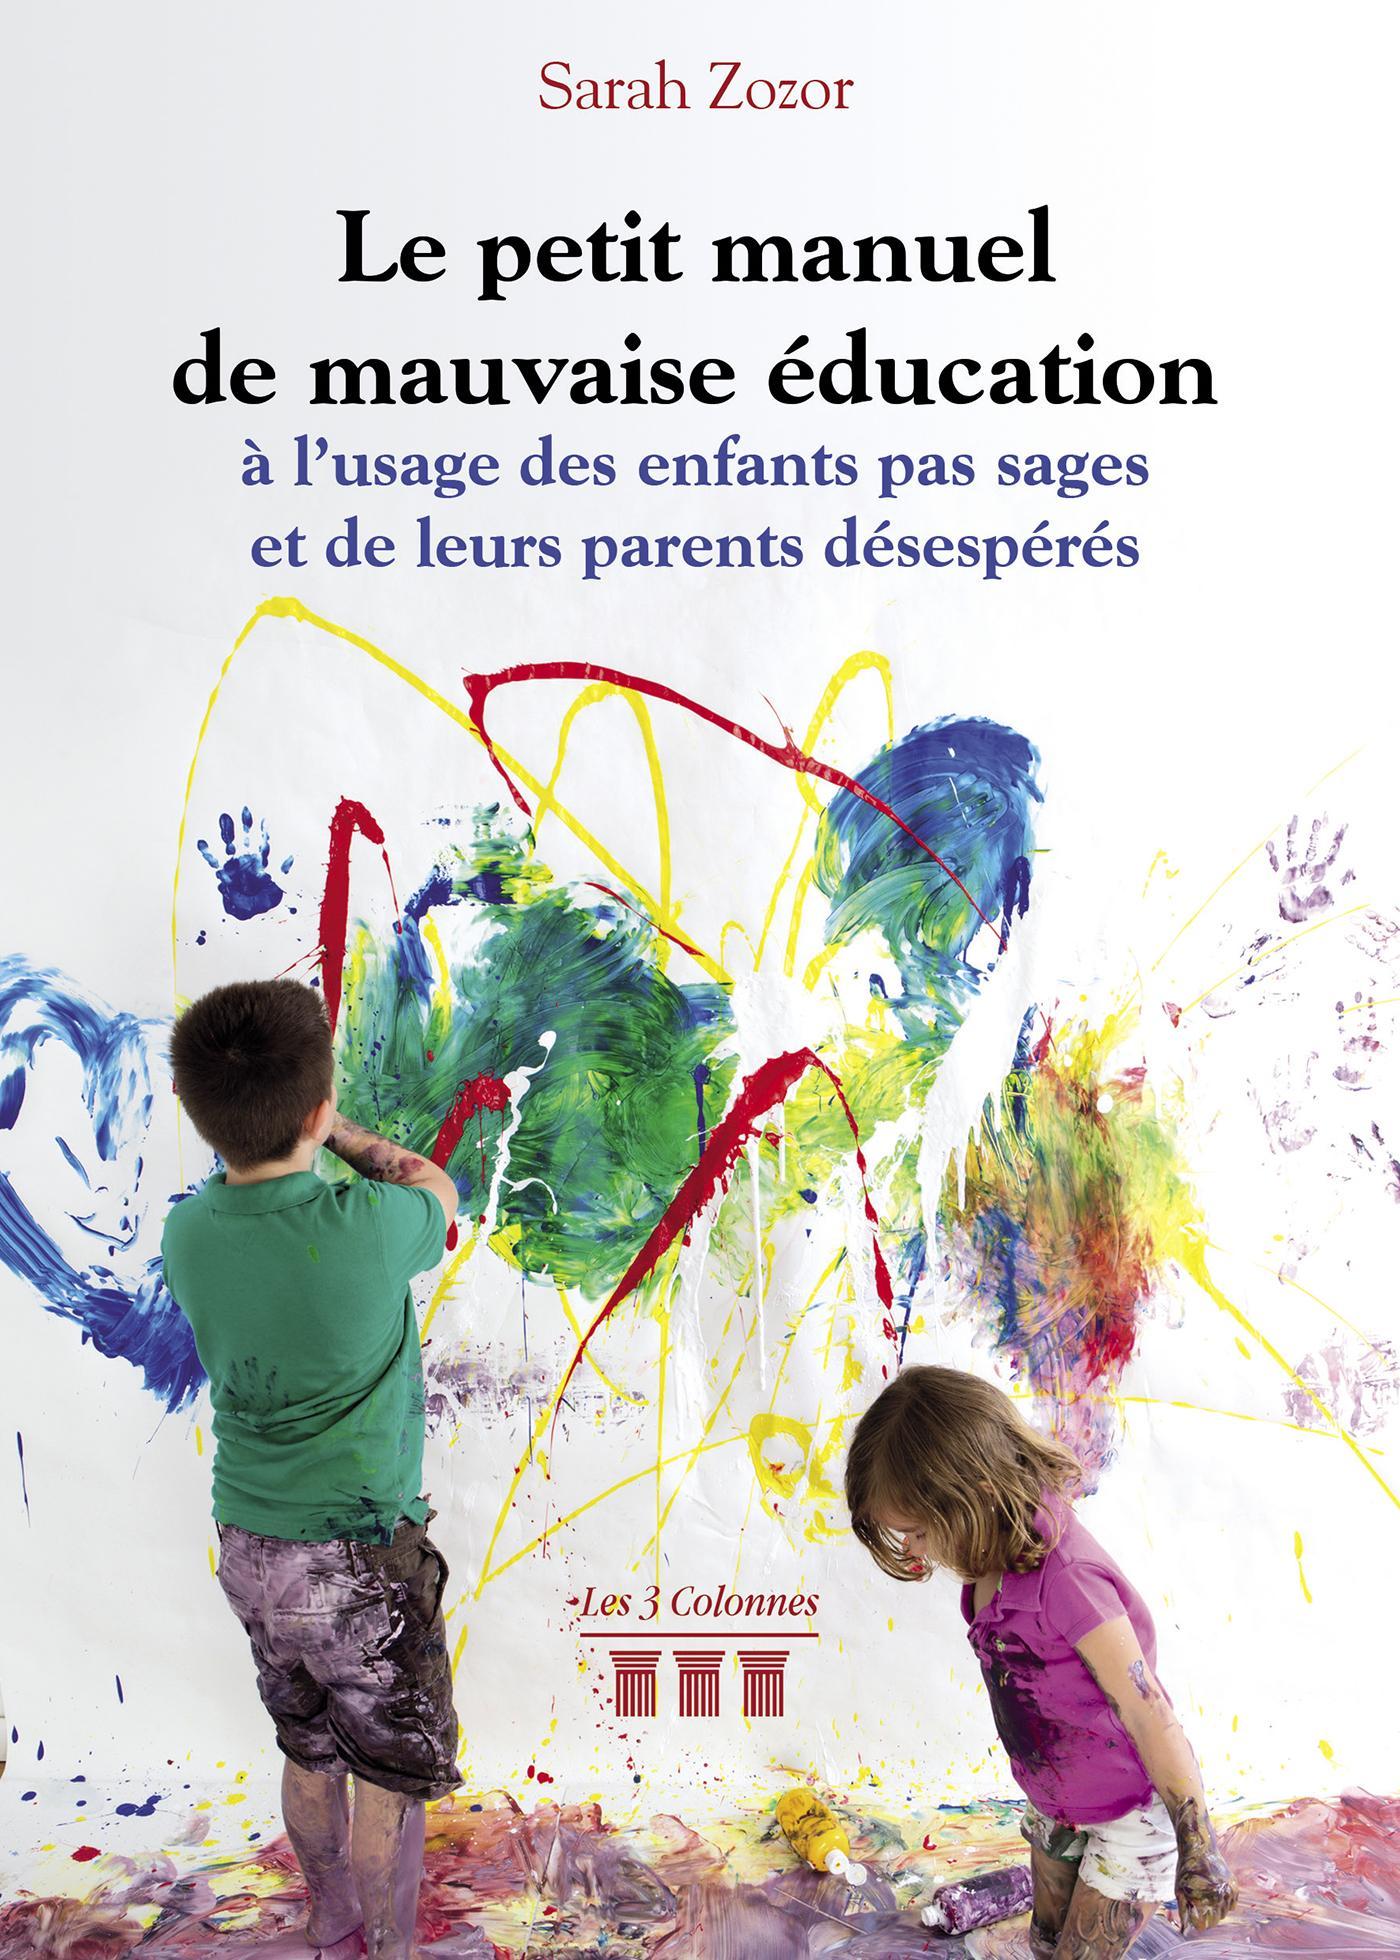 Le petit manuel de mauvaise éducation à l'usage des enfants pas sages et de leurs parents désespérés